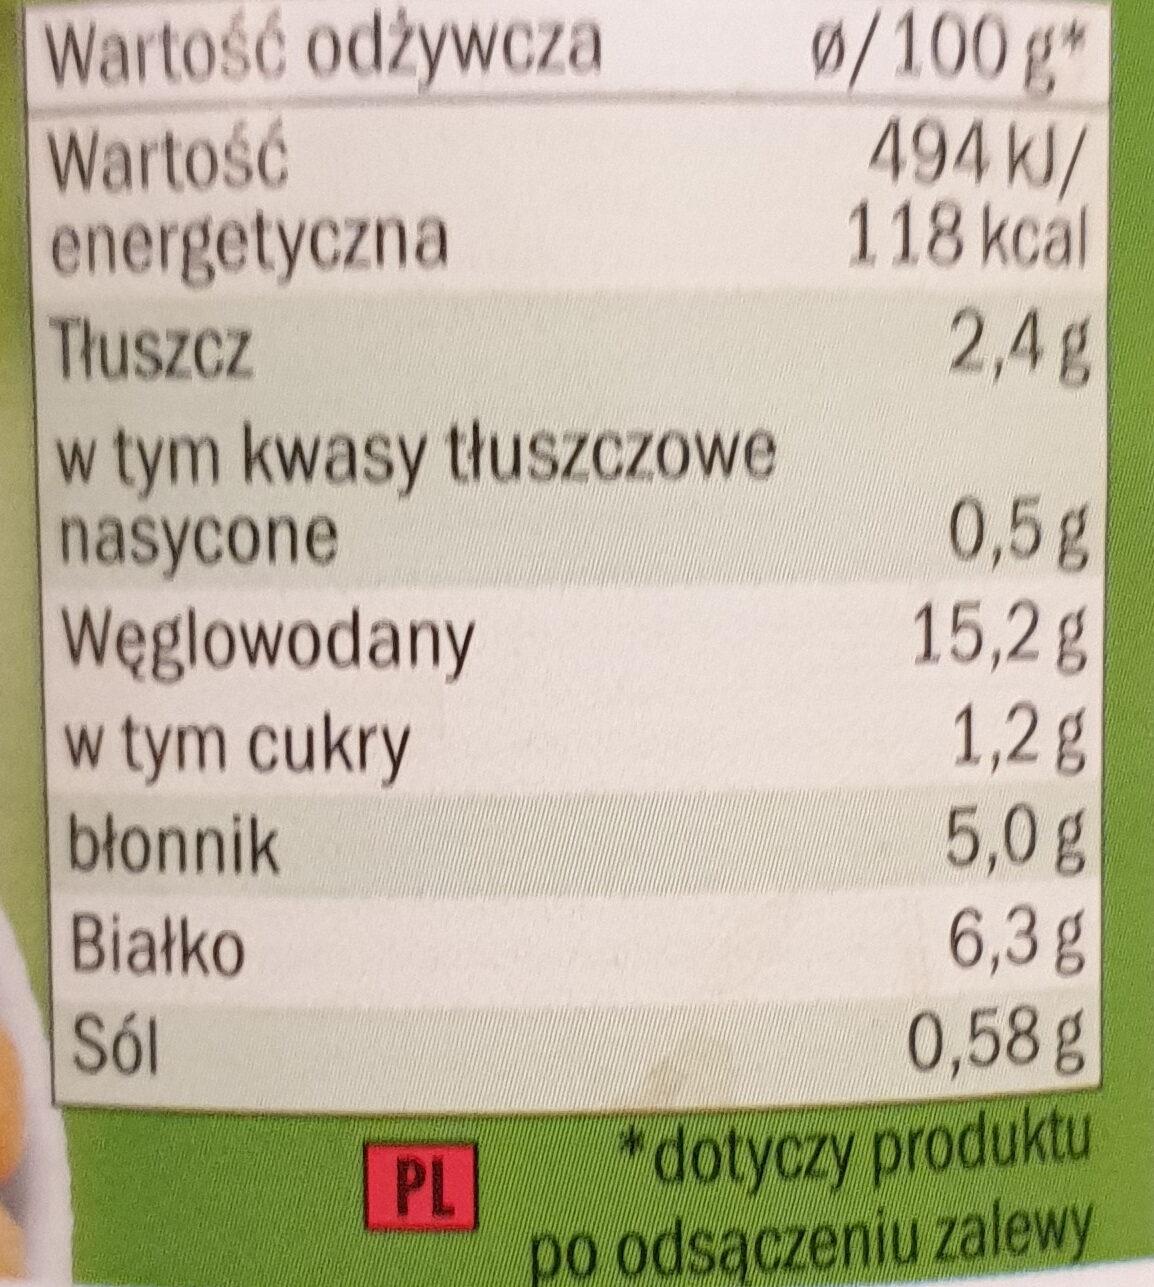 Kichererbsen - Pois Chiches - Wartości odżywcze - pl